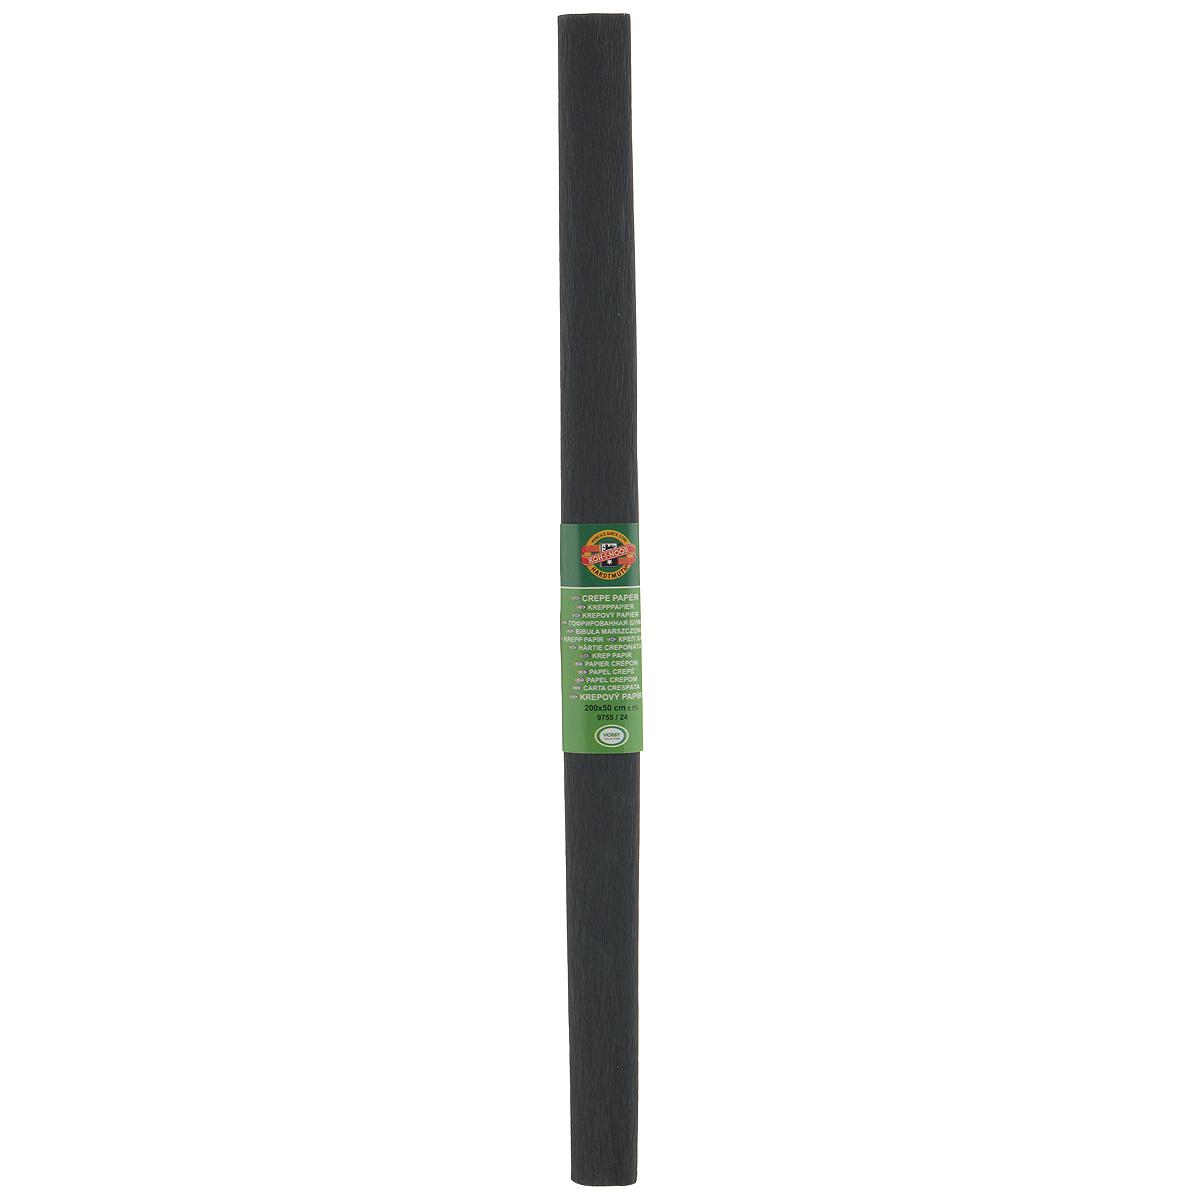 Бумага гофрированная Koh-I-Noor, цвет: черный, 50 см x 2 м бумага гофрированная koh i noor цвет черный 200 см x 50 см